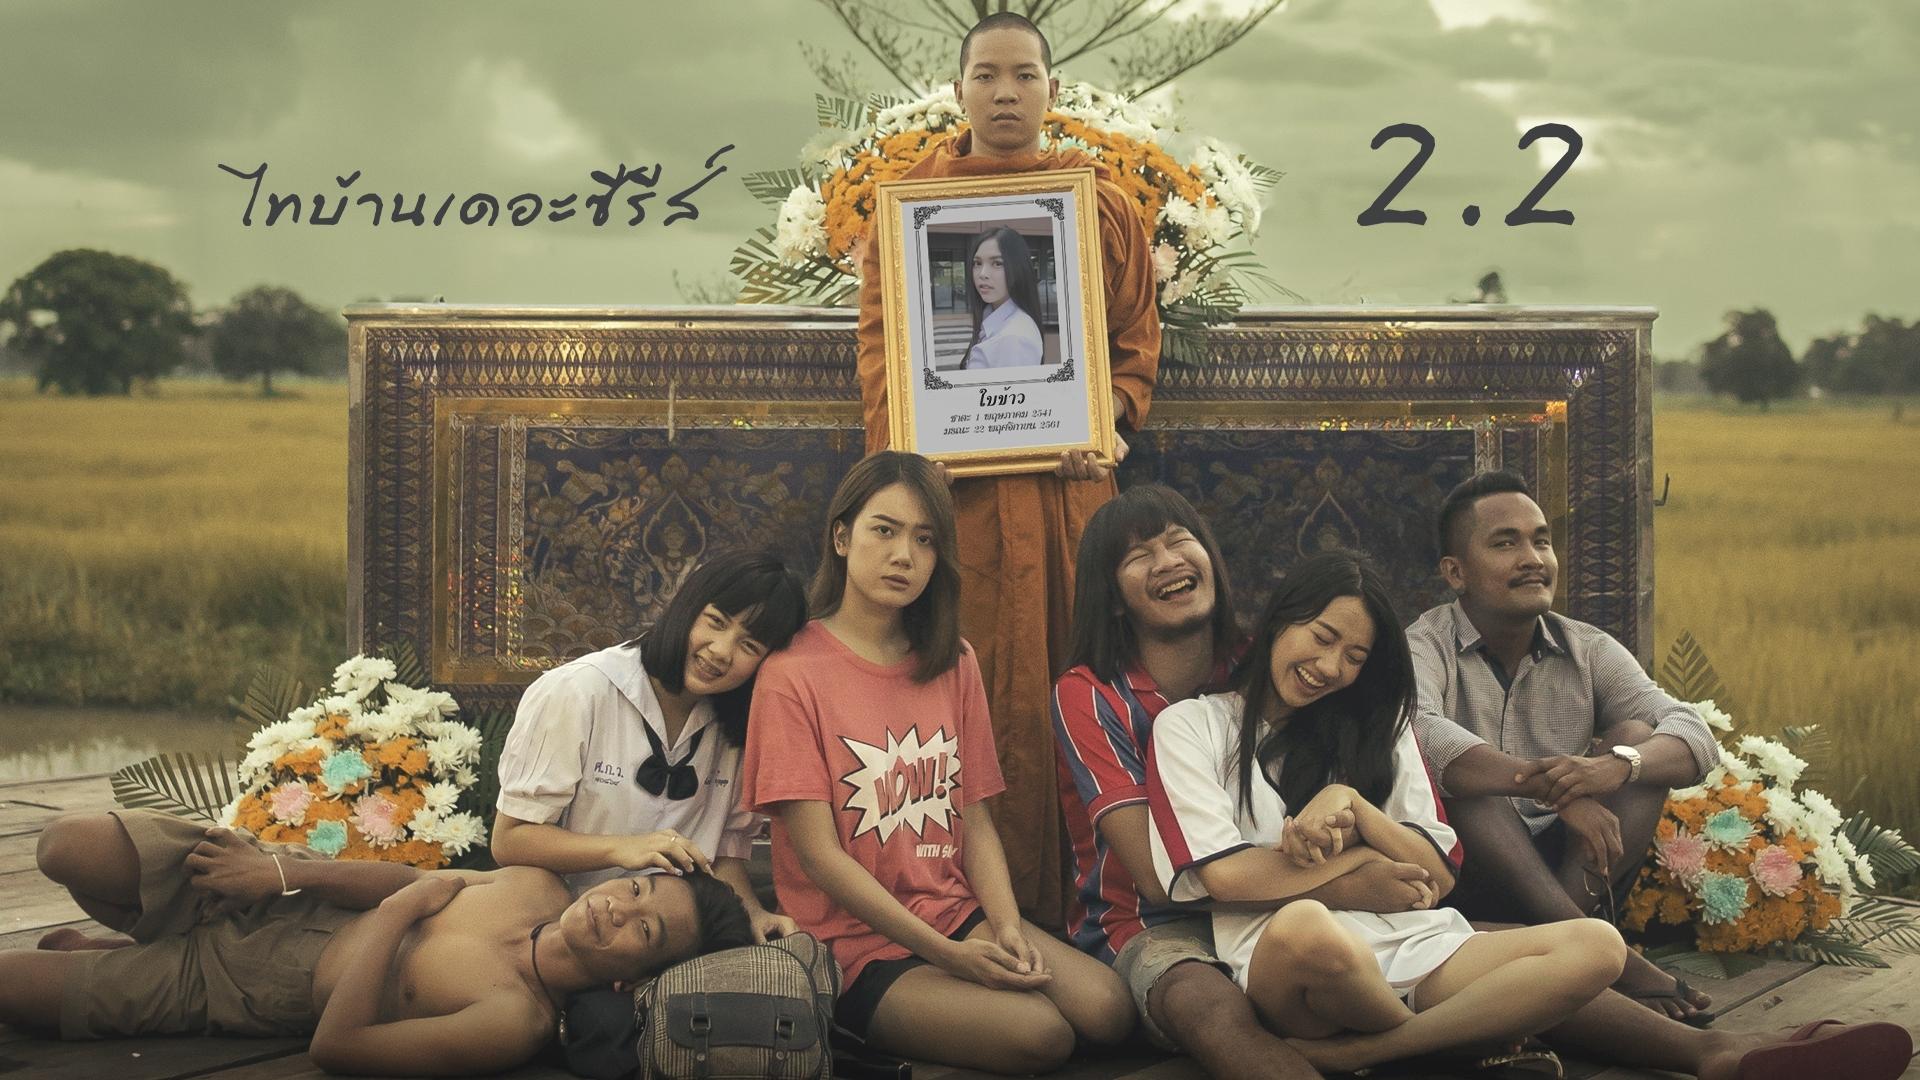 10 หนังไทยสุดฮิต 2019 บนทรูไอดี